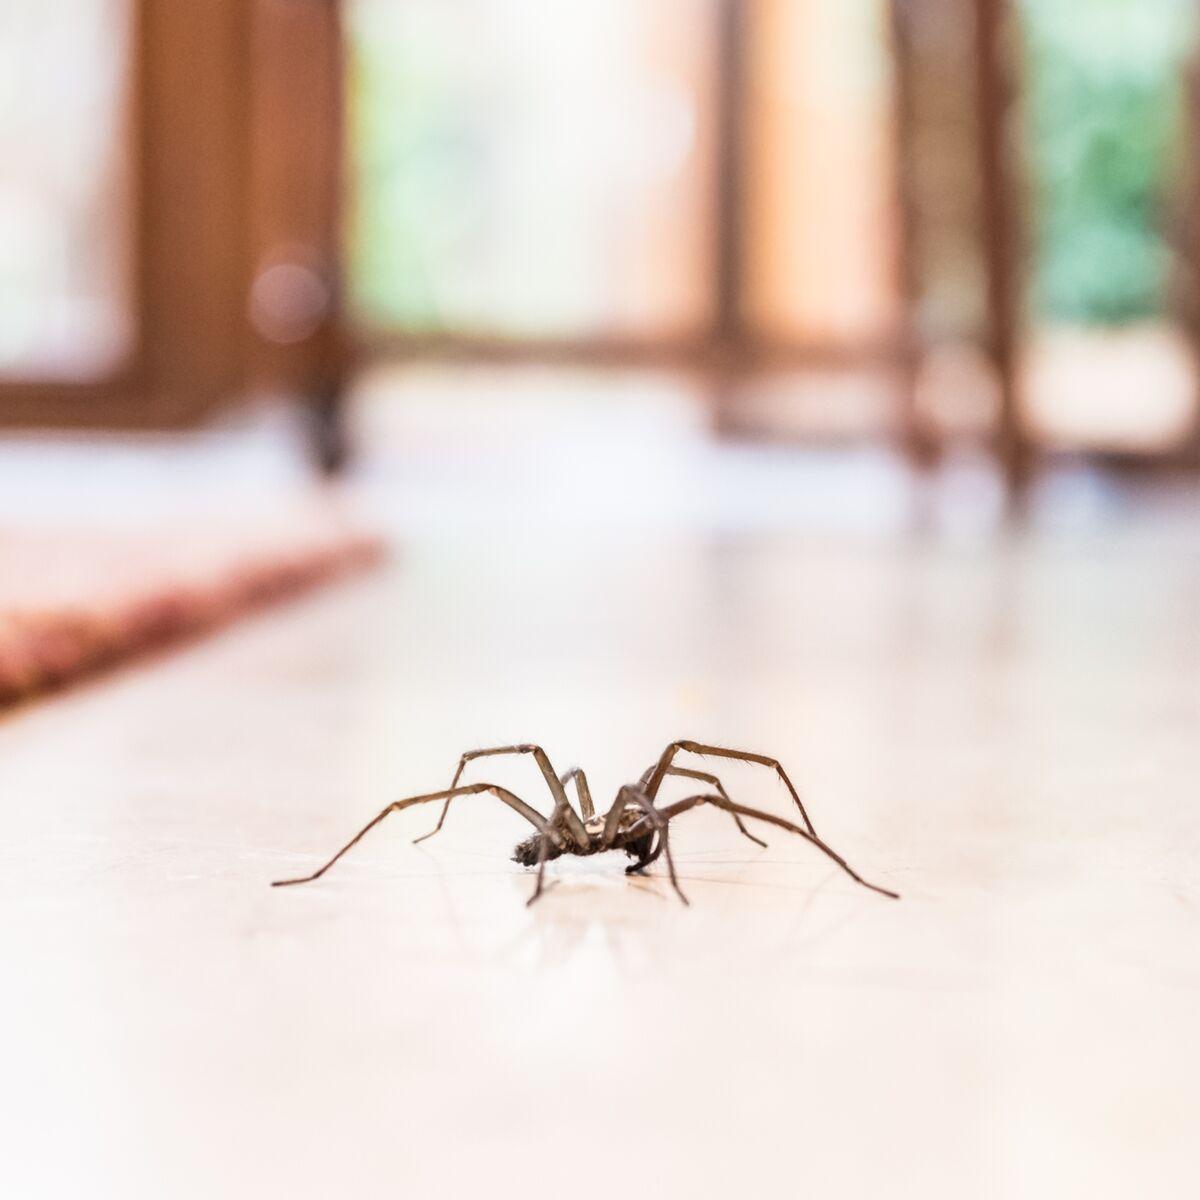 Huiles Essentielles Contre Les Souris araignées, mouches, mites, souris, cafards, termites : 3